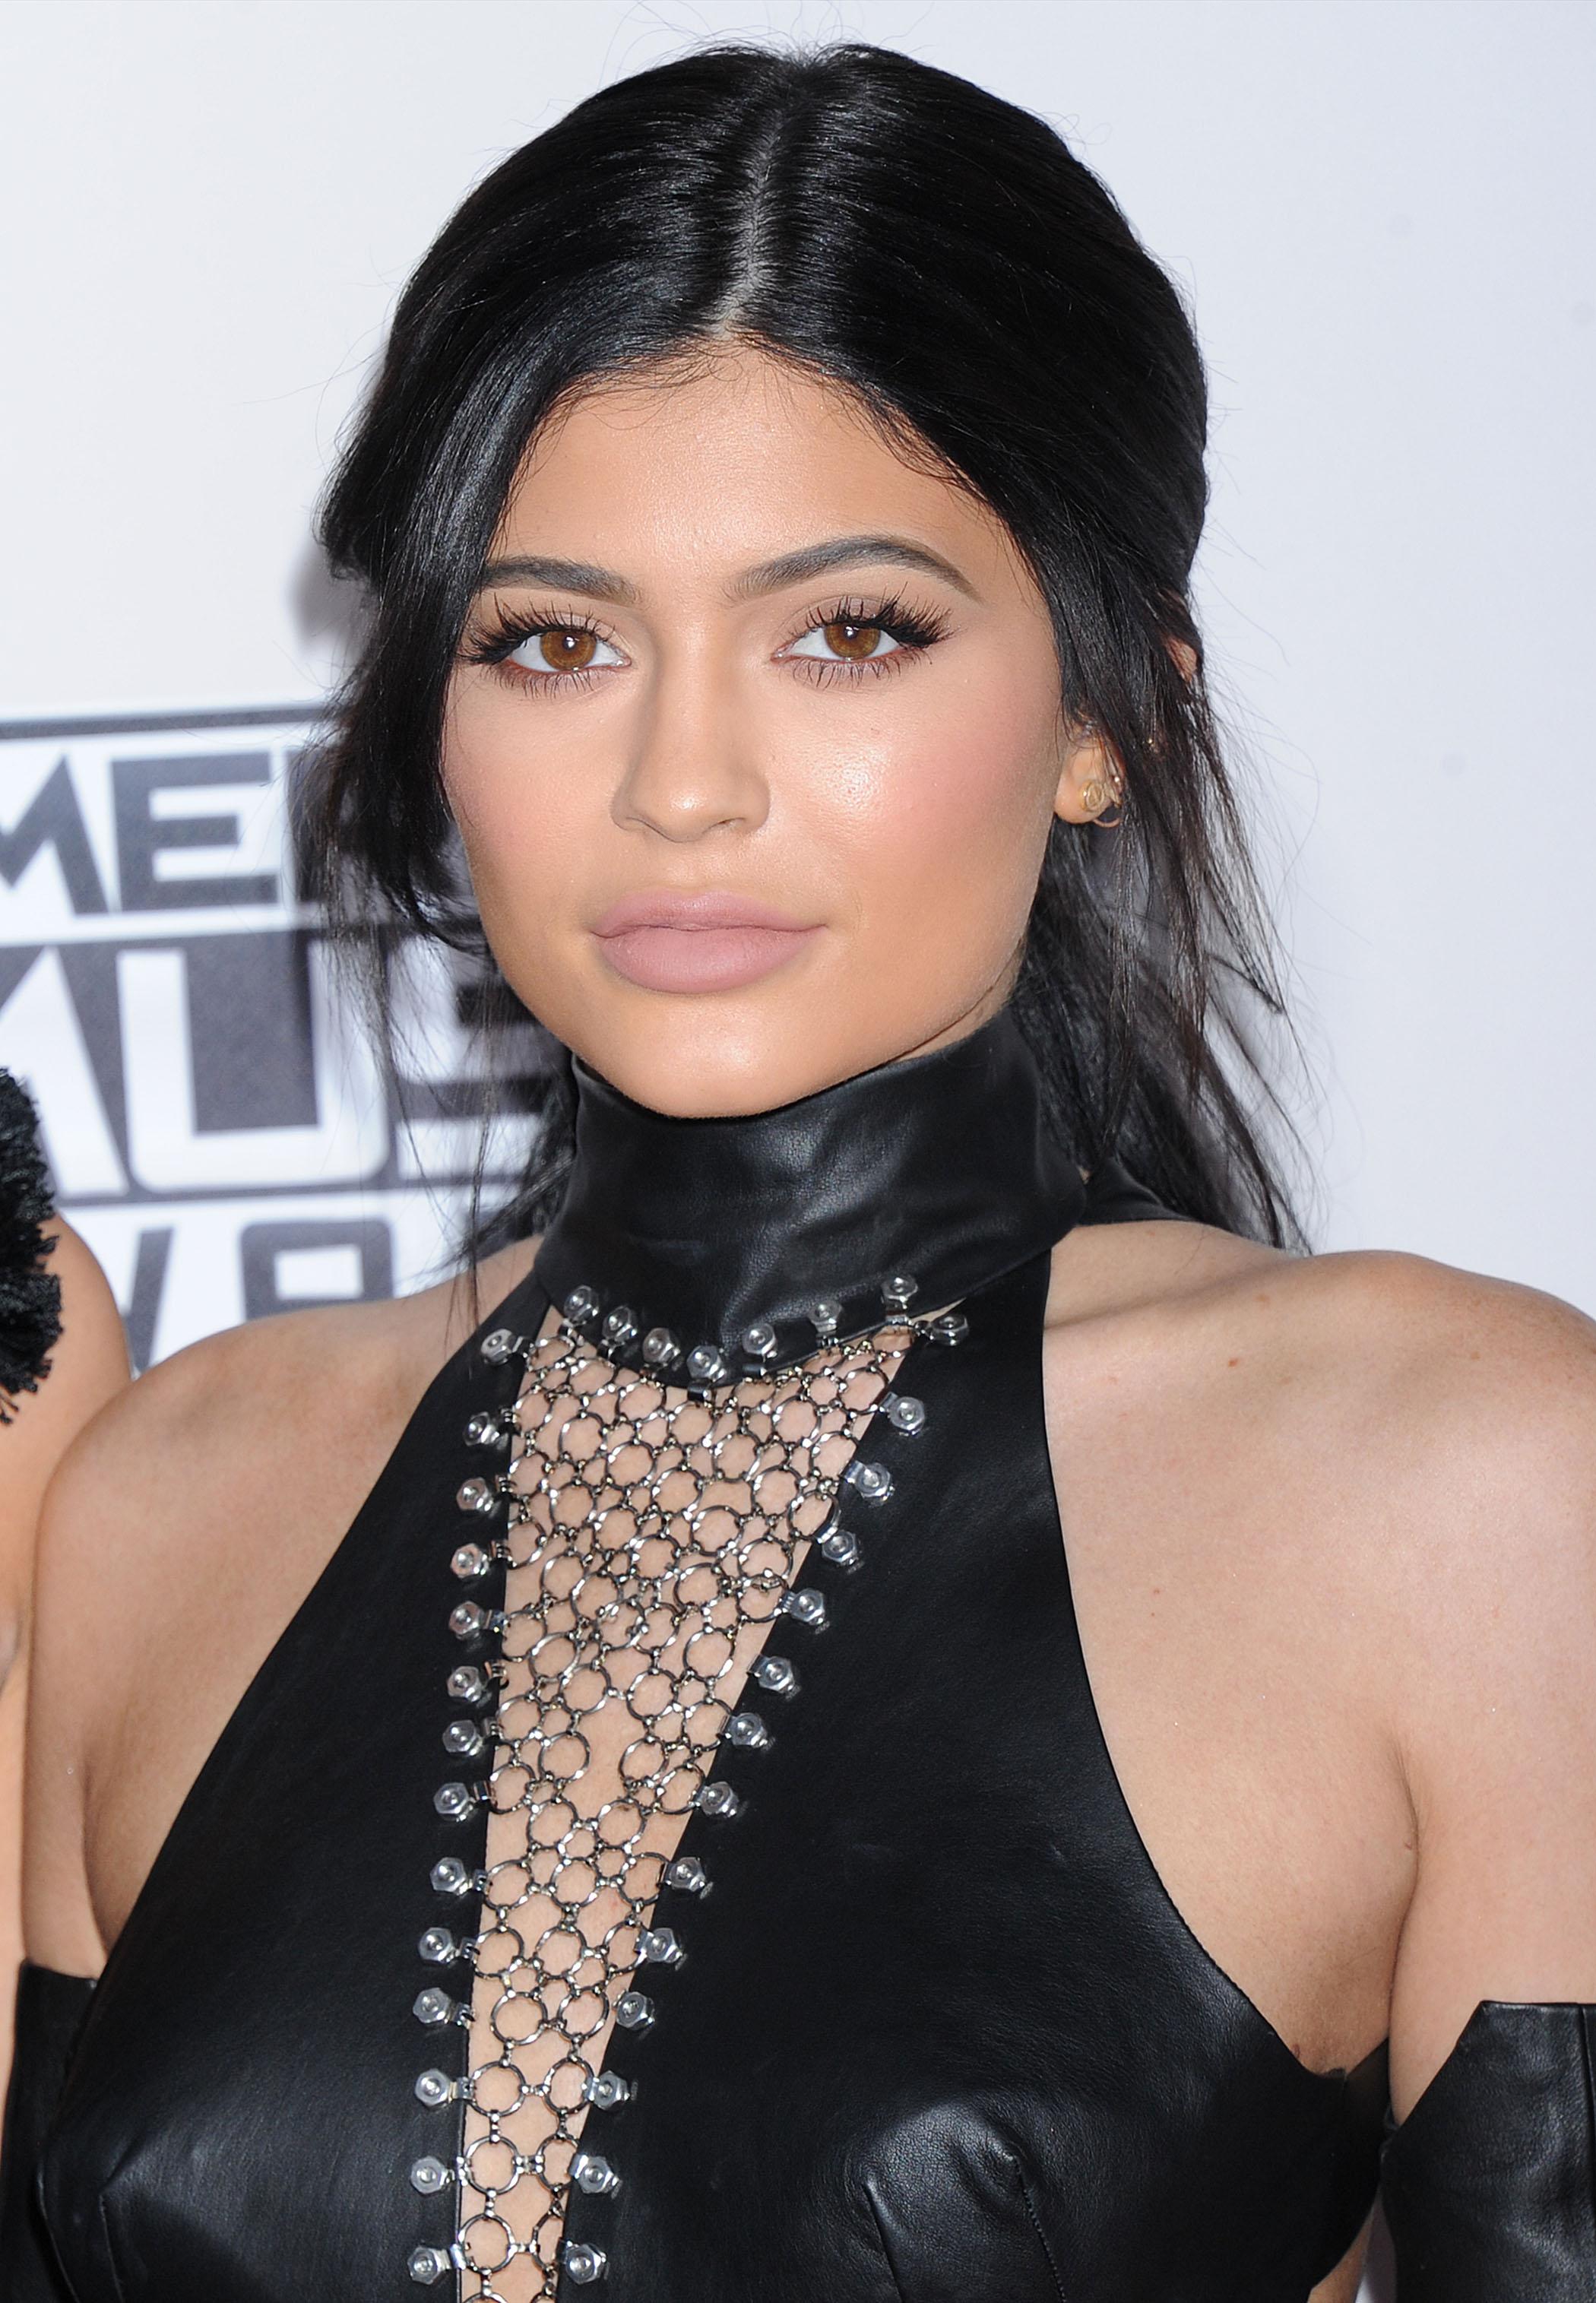 Kylie_Jenner_American_Music_Awards_2015_07.JPG